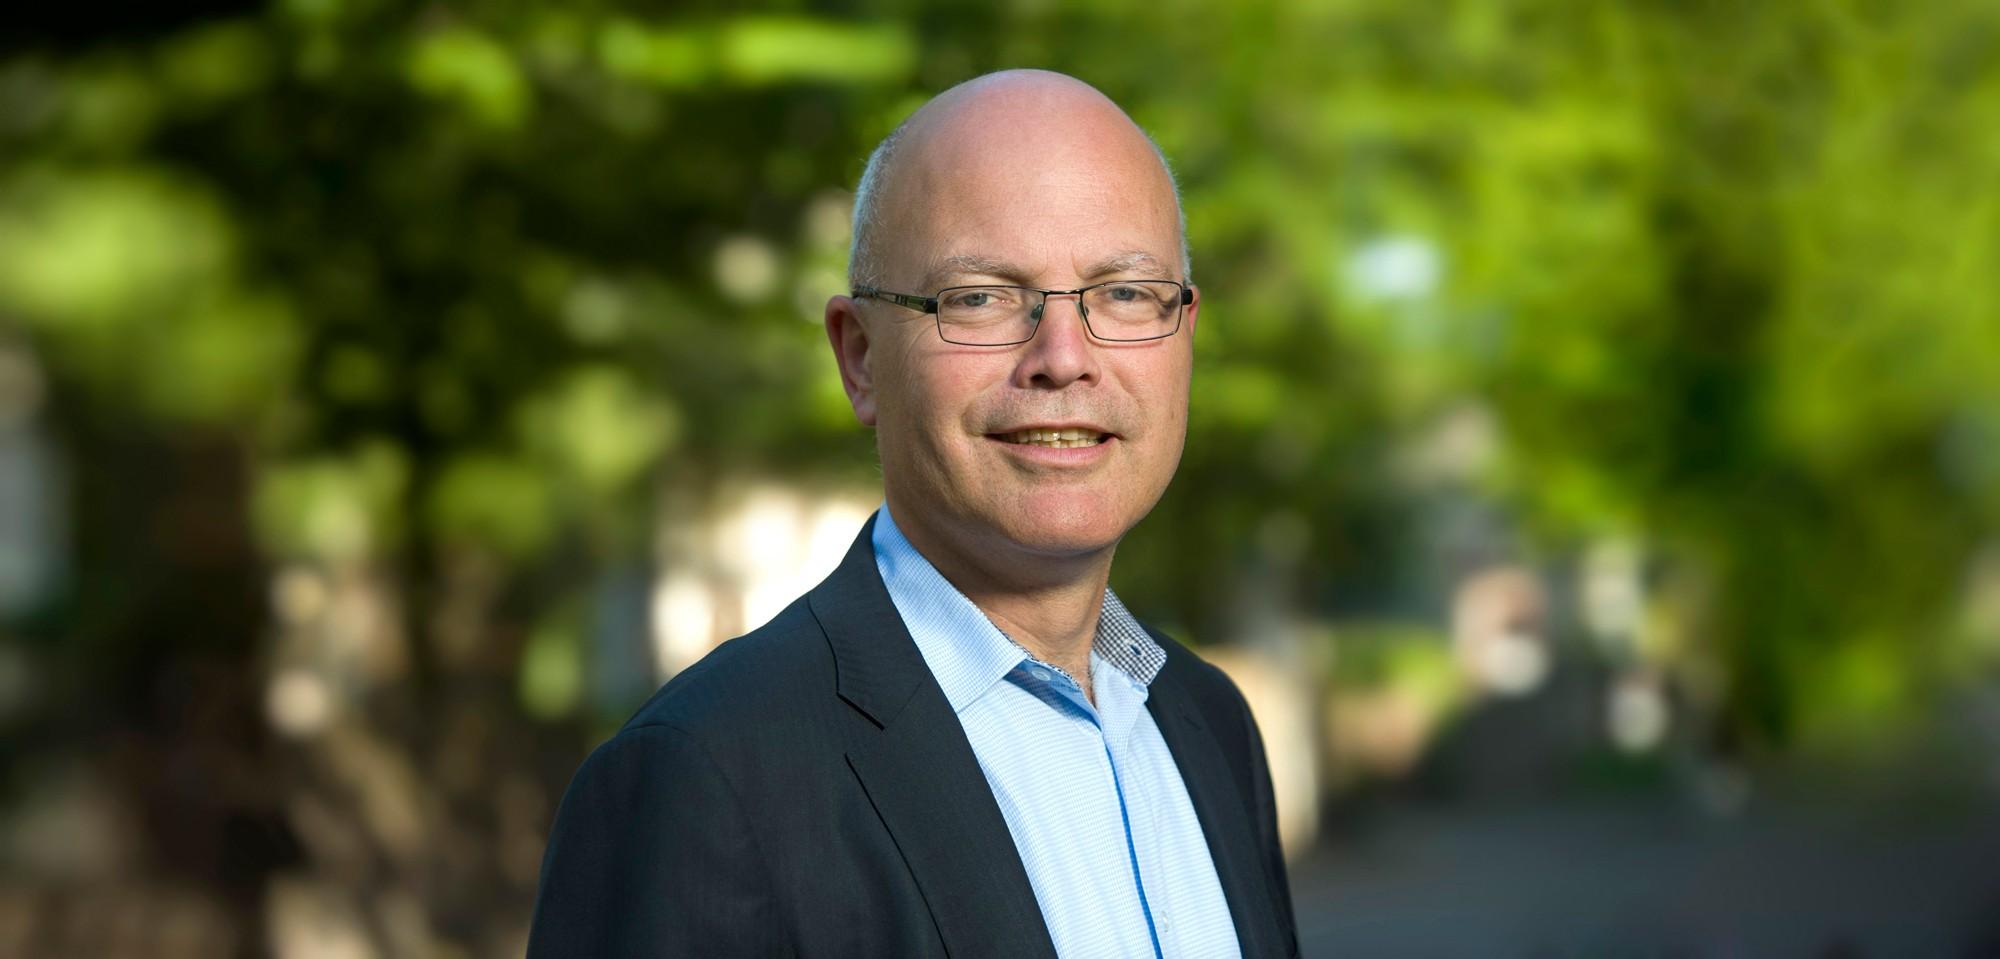 Emile Kolthoff: 'We staan op een keerpunt in de strijd tegen ondermijnende criminaliteit' © Geert Nijland / Avans Hogeschool